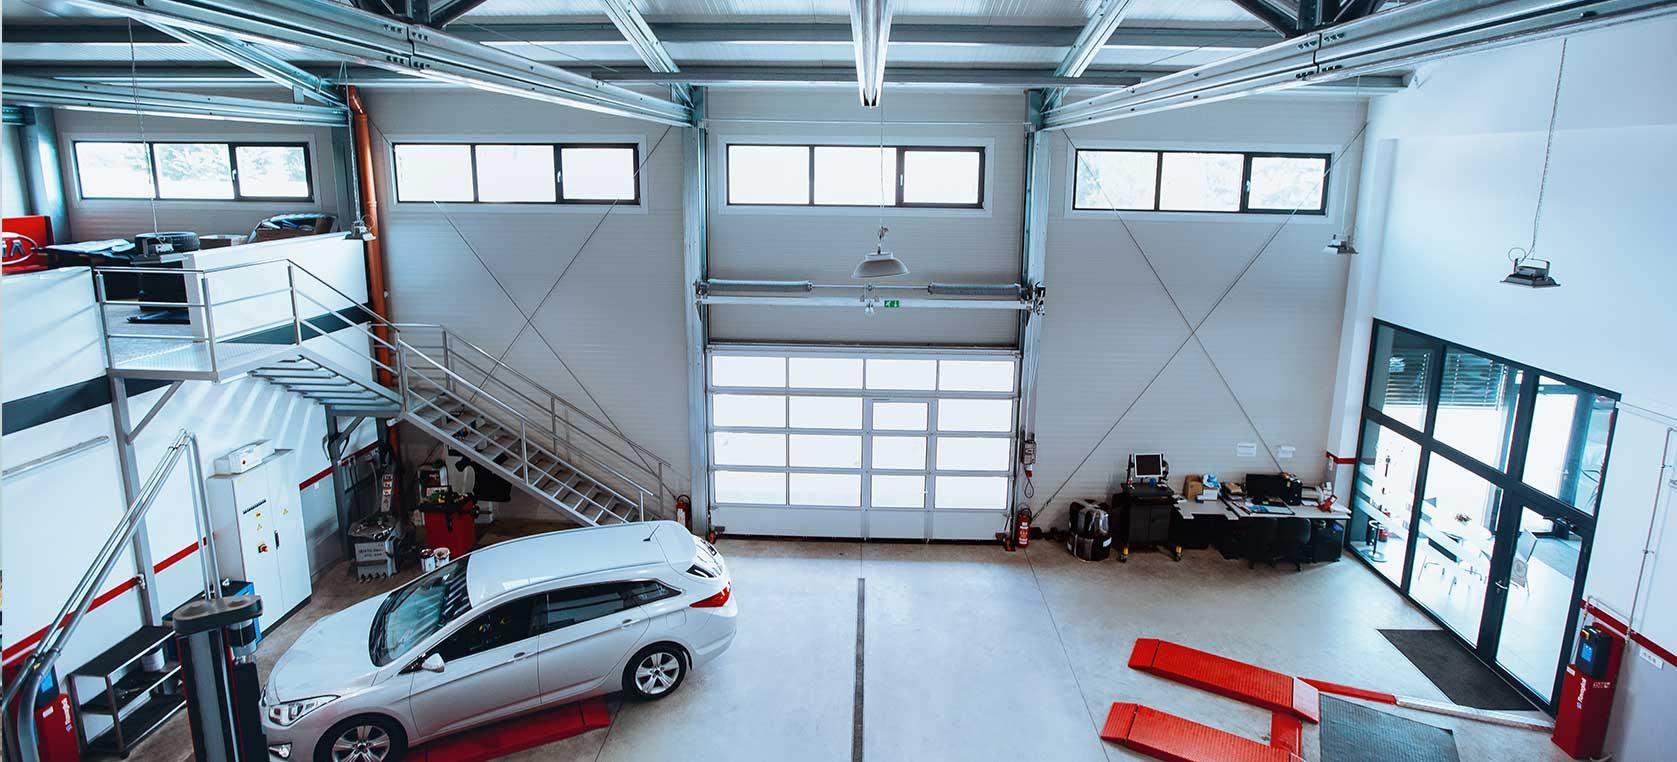 Jeklene konstrukcije za prodajne salone, servisne delavnice in garaže ter ostalo